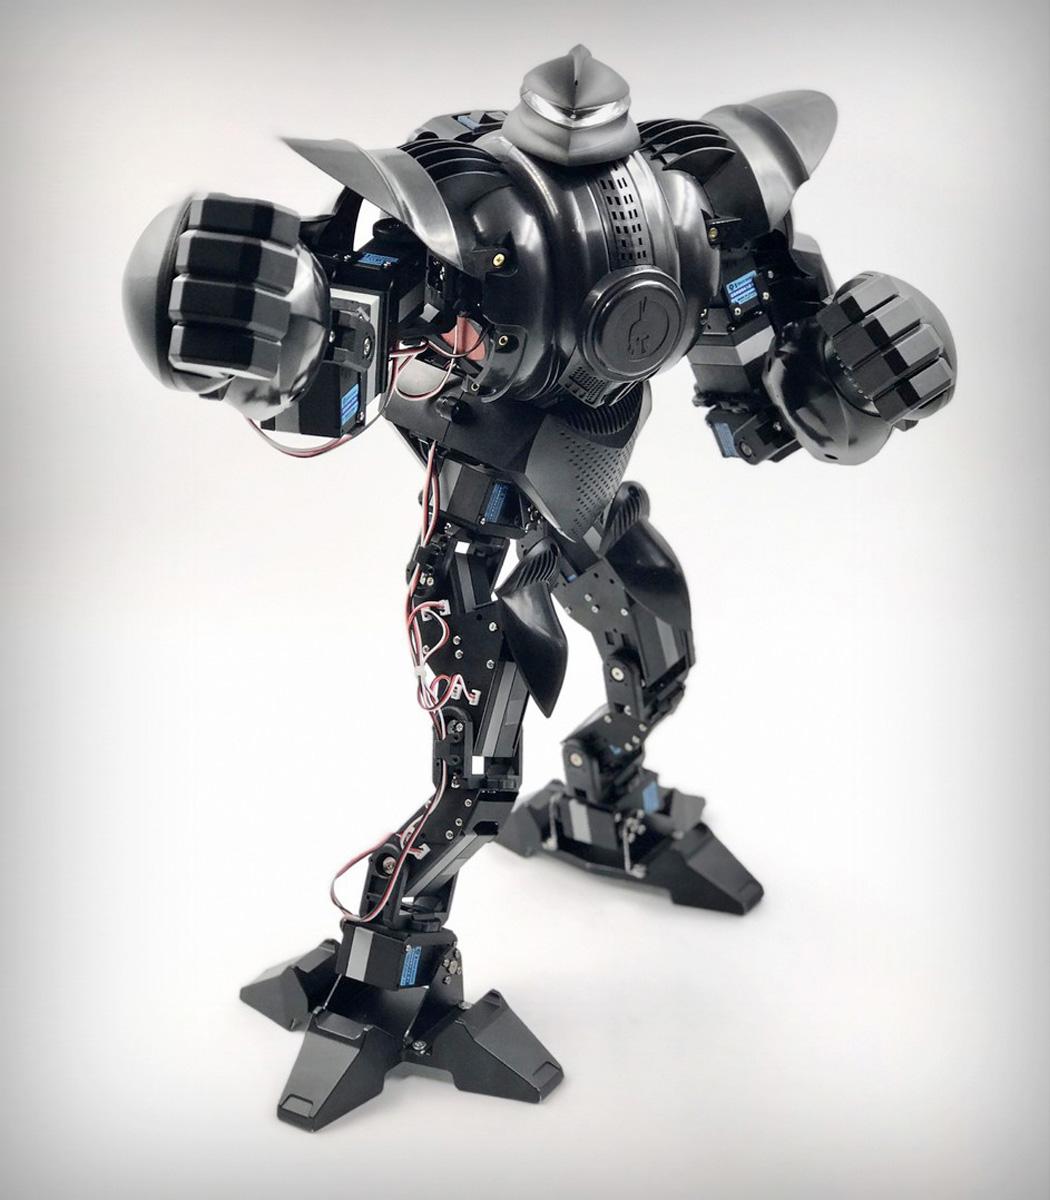 pilot_labs_zeus_battle_robot_03